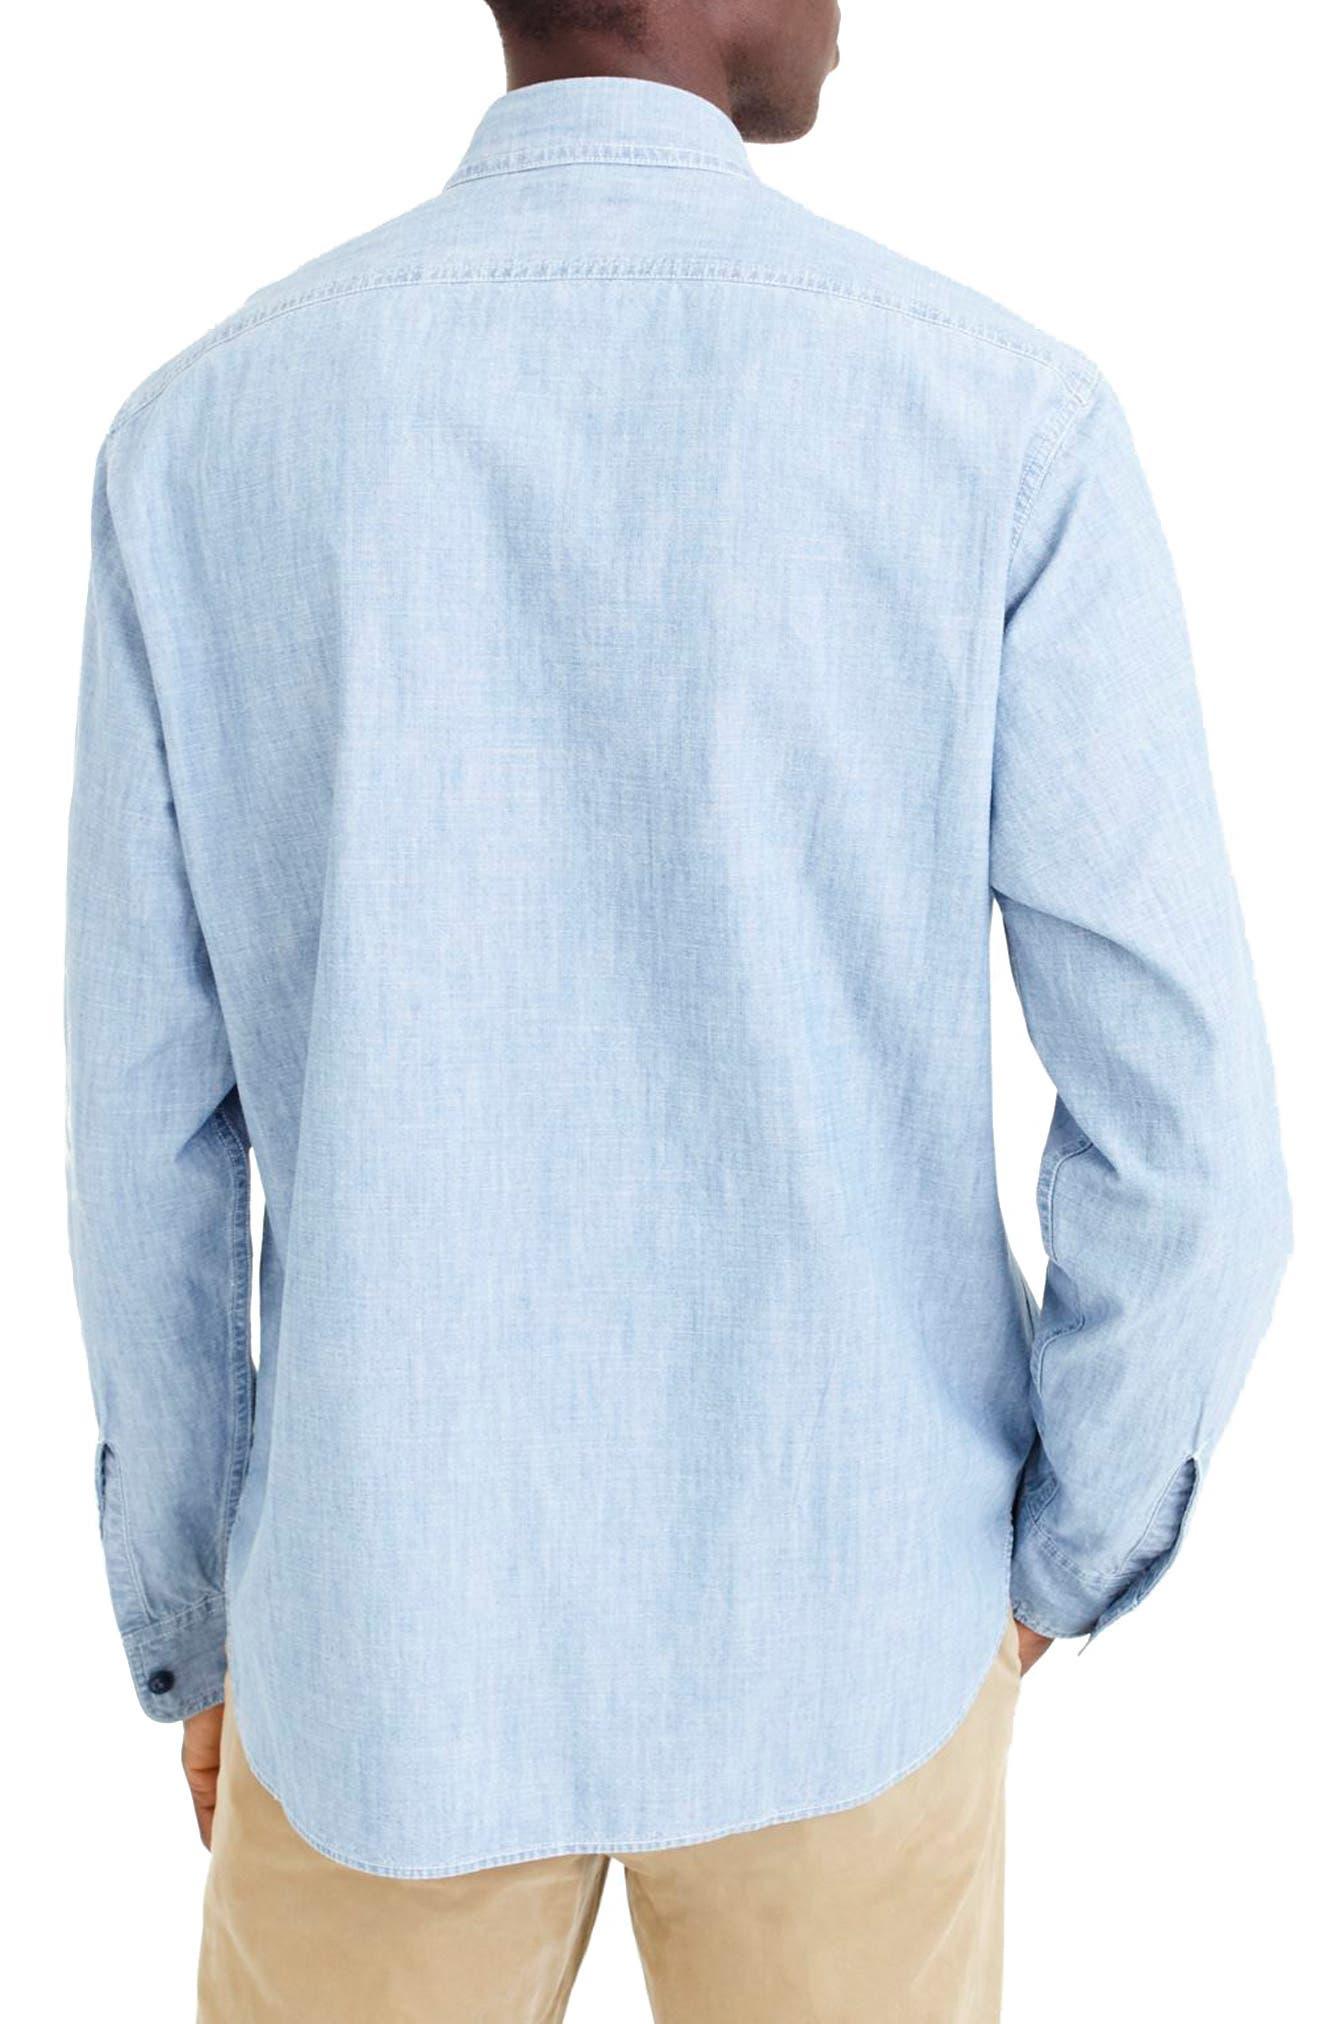 Wallace & Barnes Chambray Work Shirt,                             Alternate thumbnail 2, color,